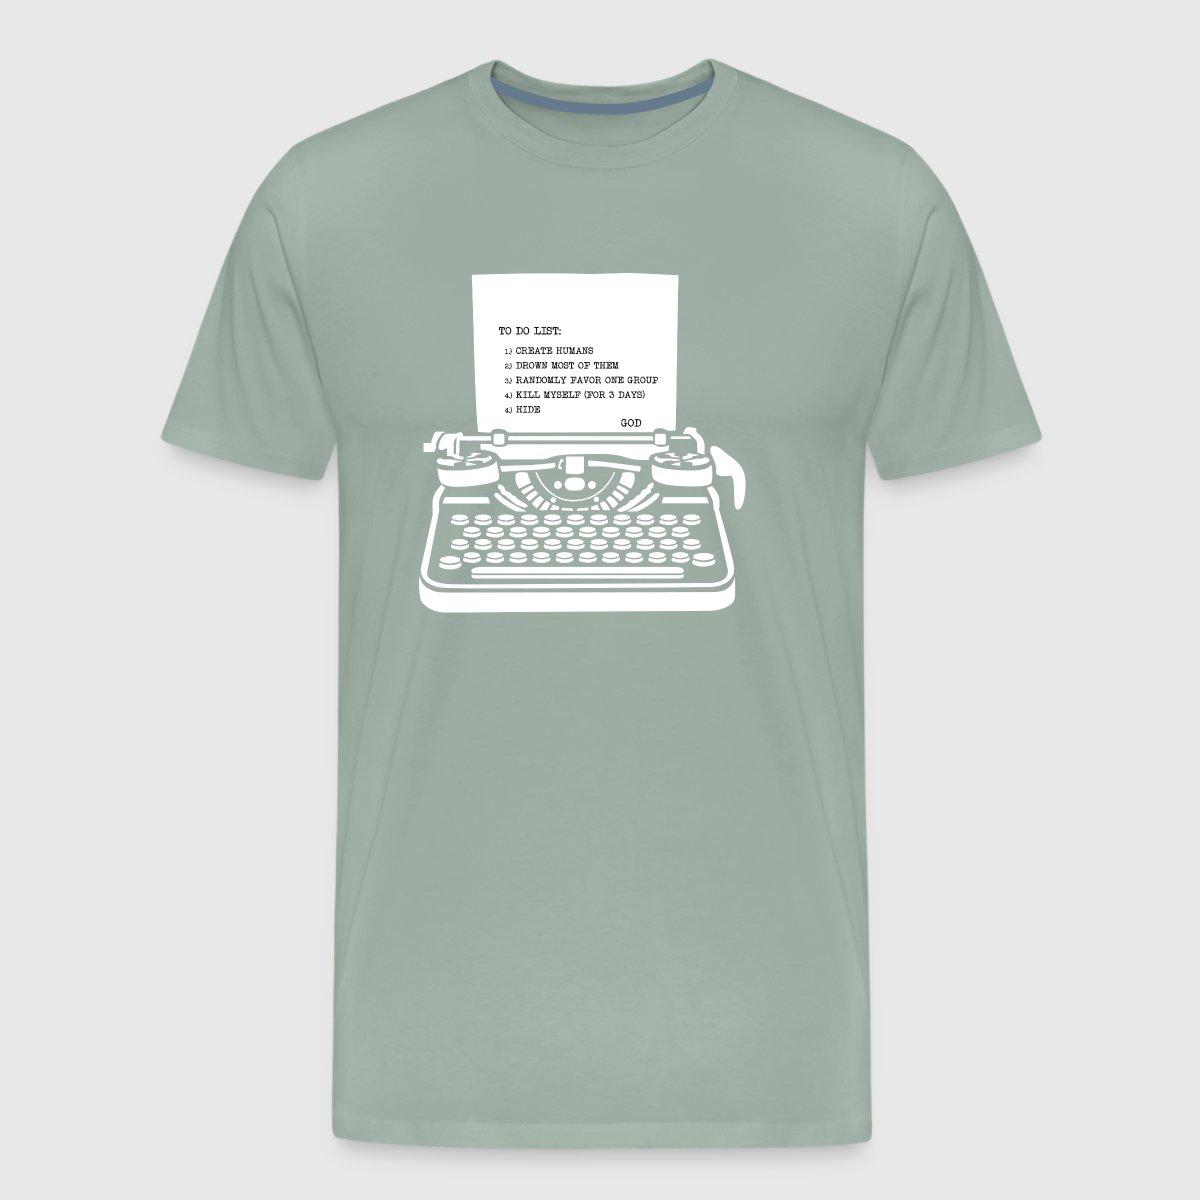 83db102f53 Funny Atheist T Shirts - DREAMWORKS